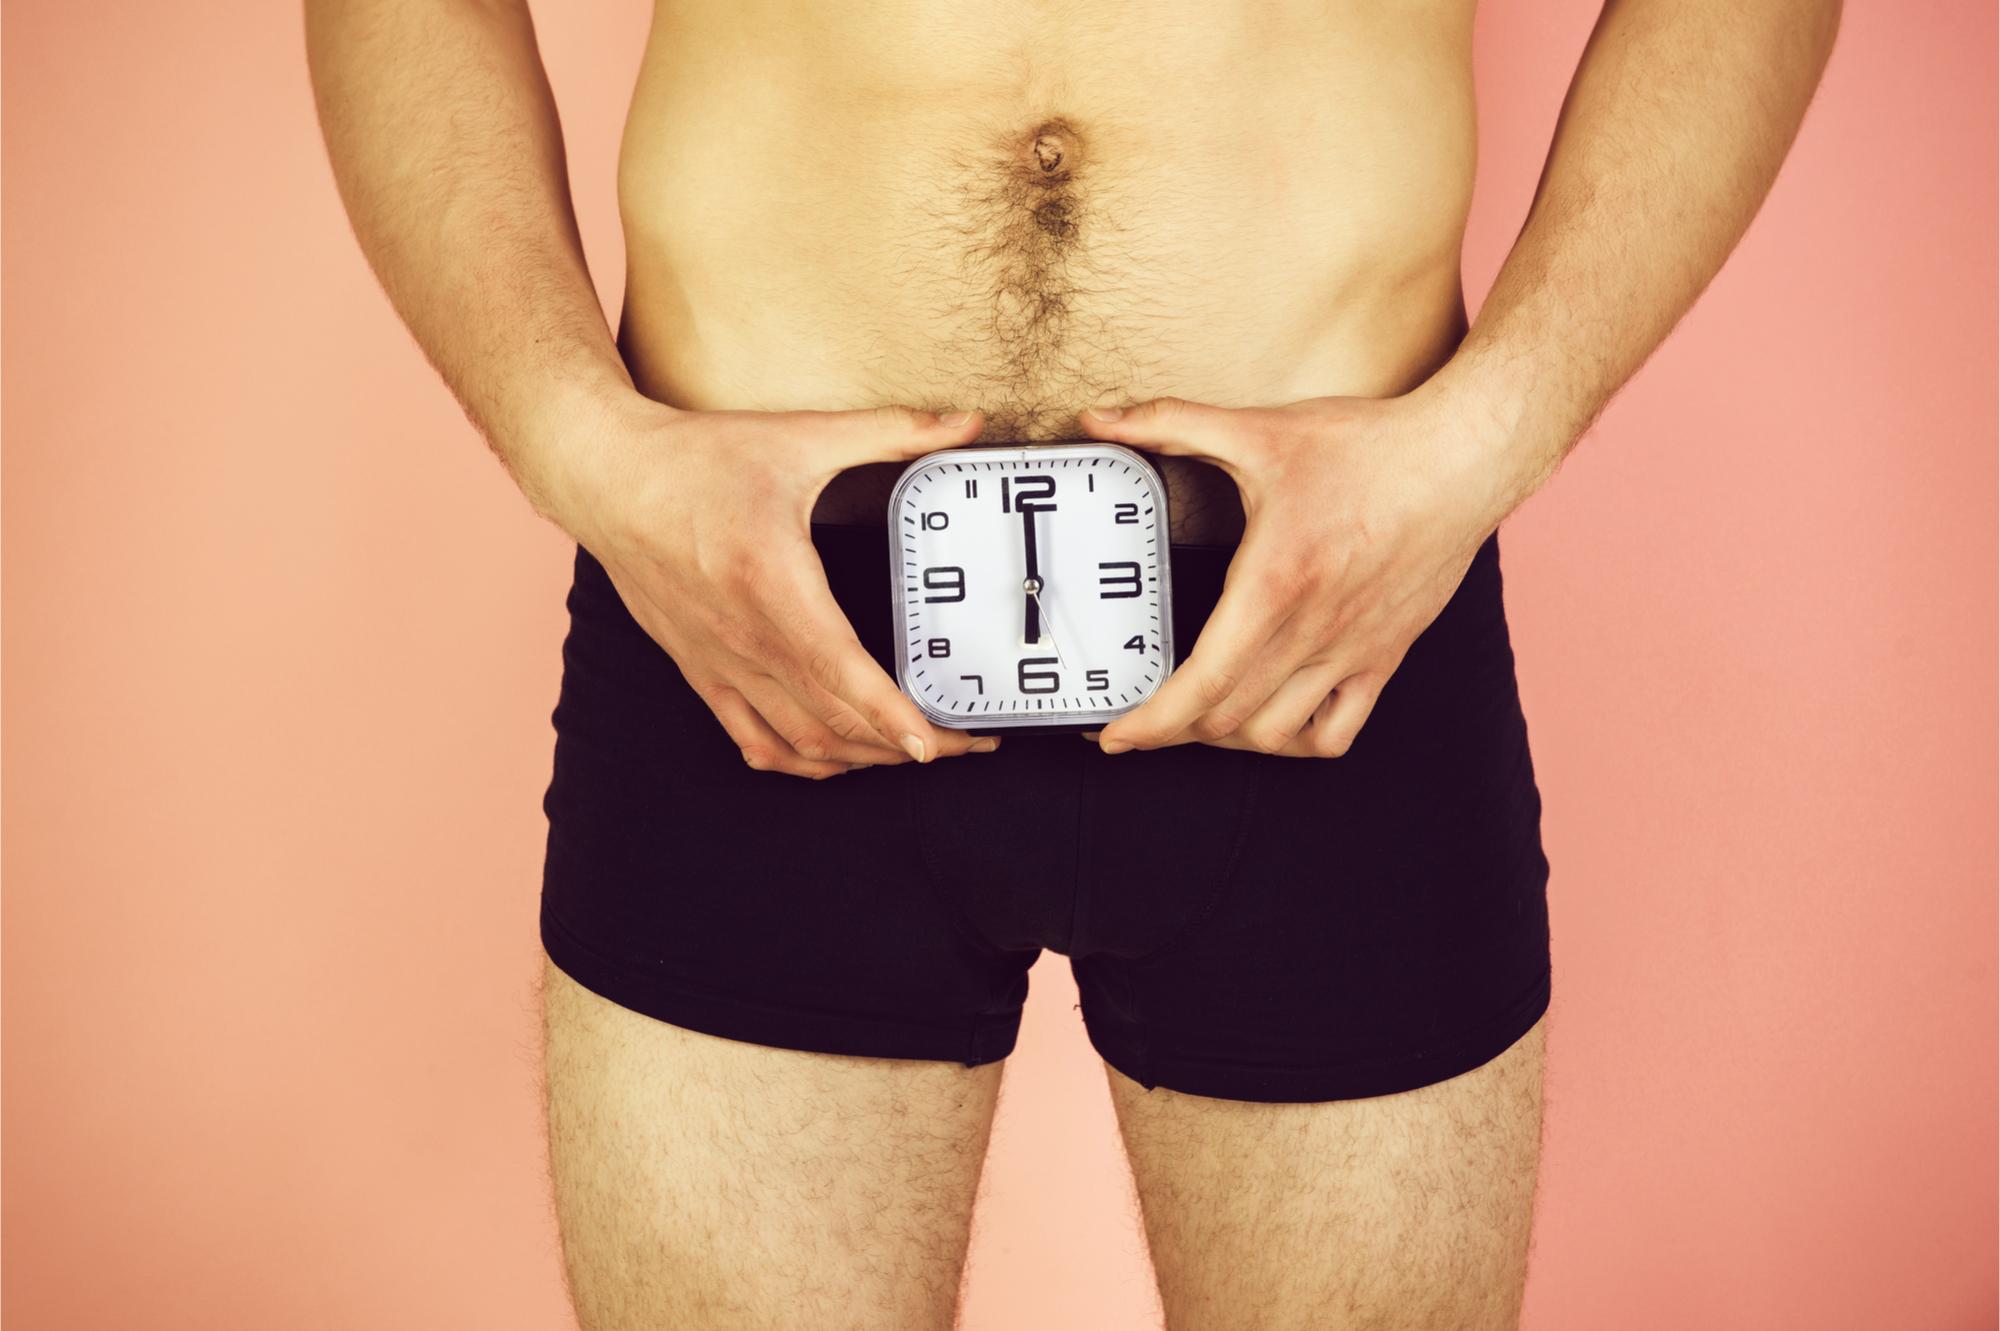 milyen gyakran kell lennie a reggeli erekciónak fallosz merevedési állapotban